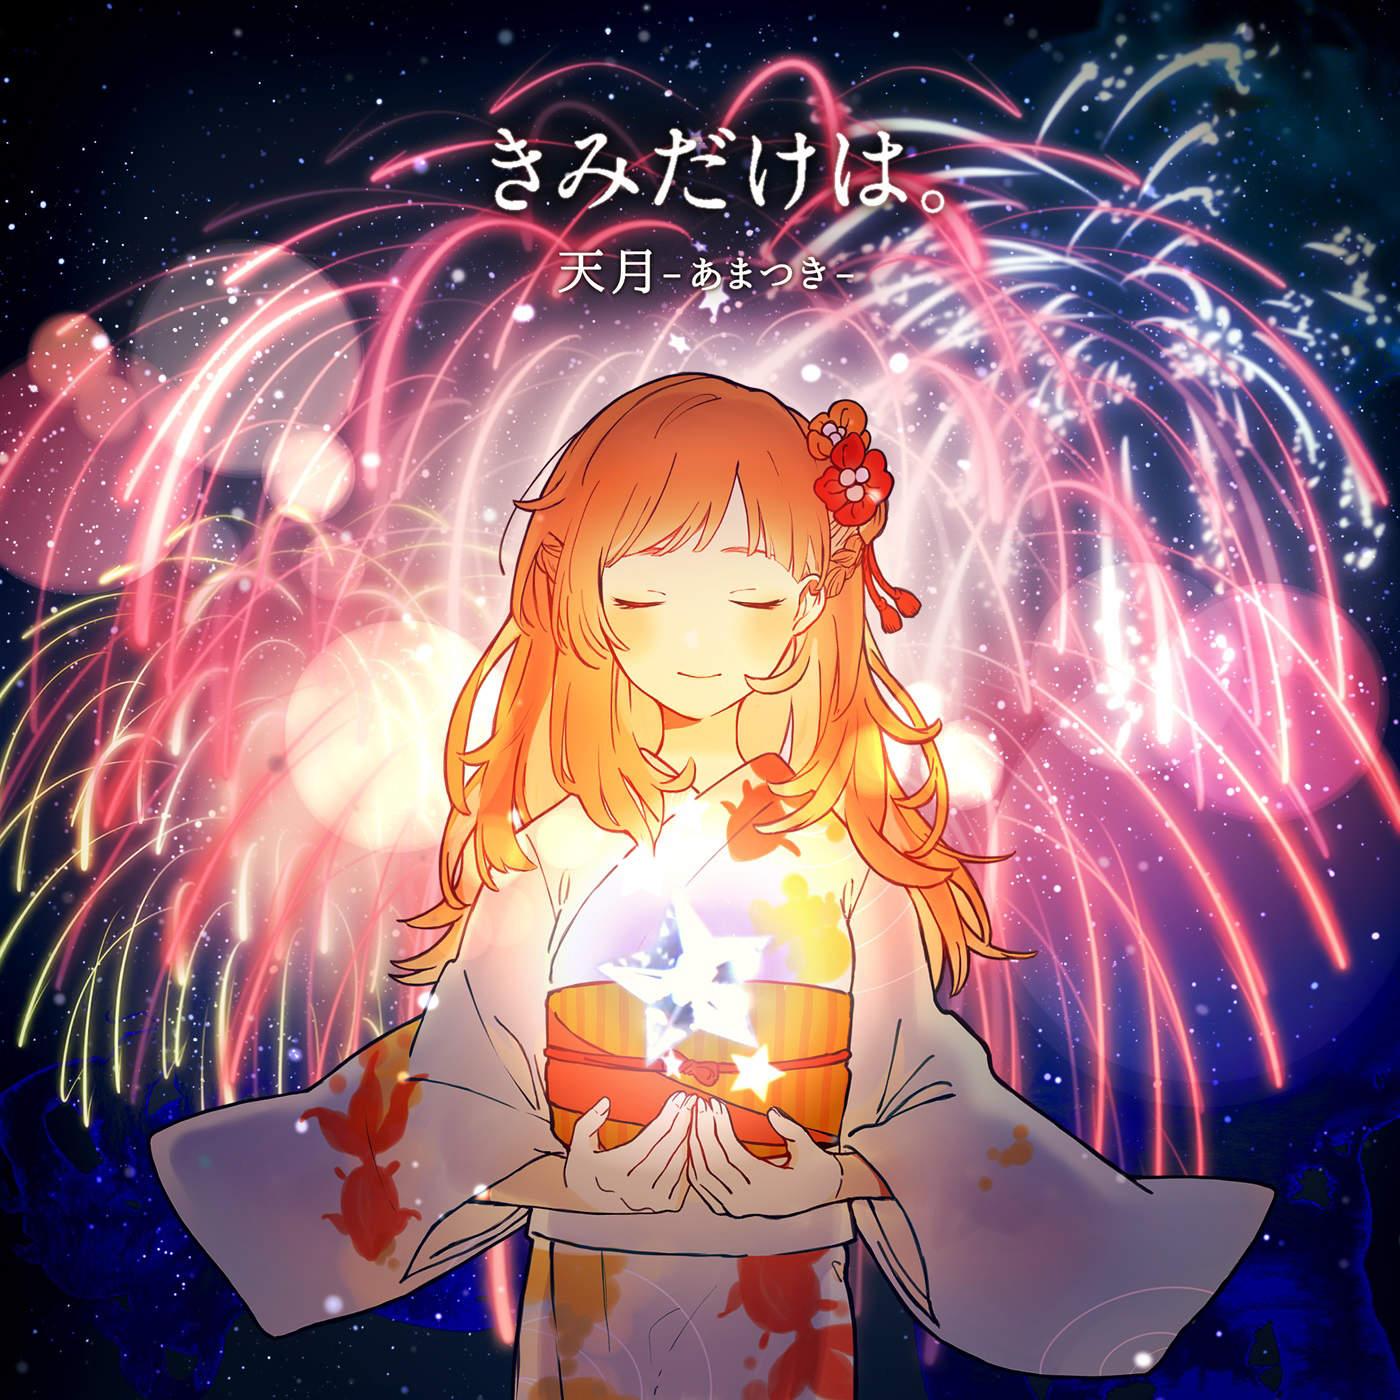 Amatsuki – Kimi dake wa.